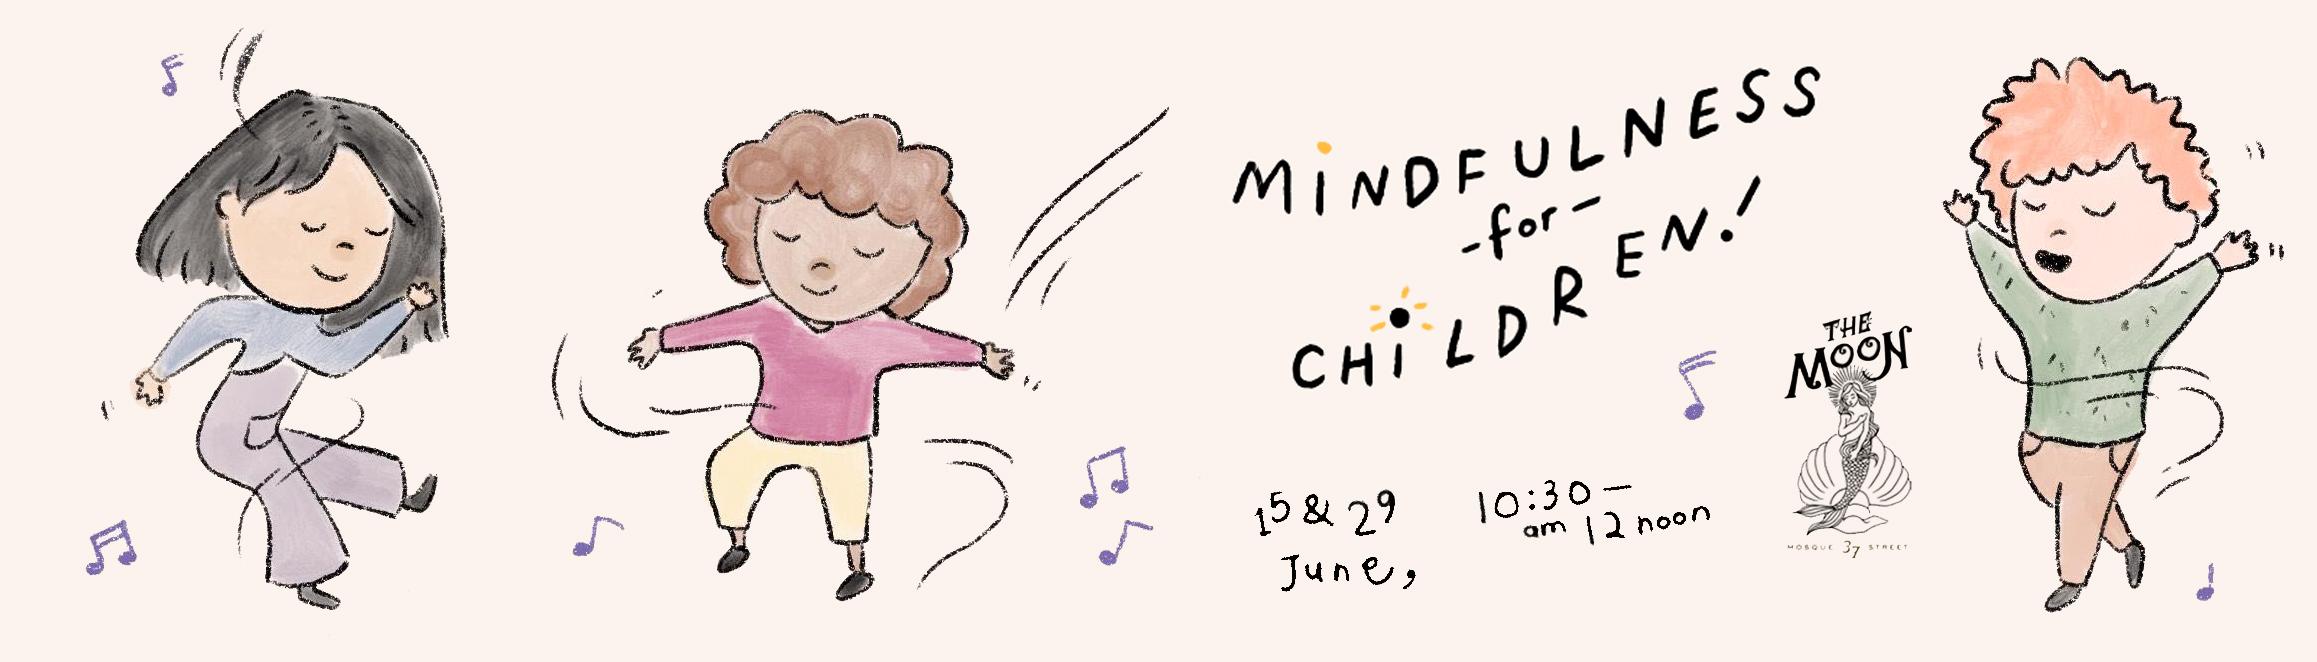 Mindfulness for Children -fb.jpg